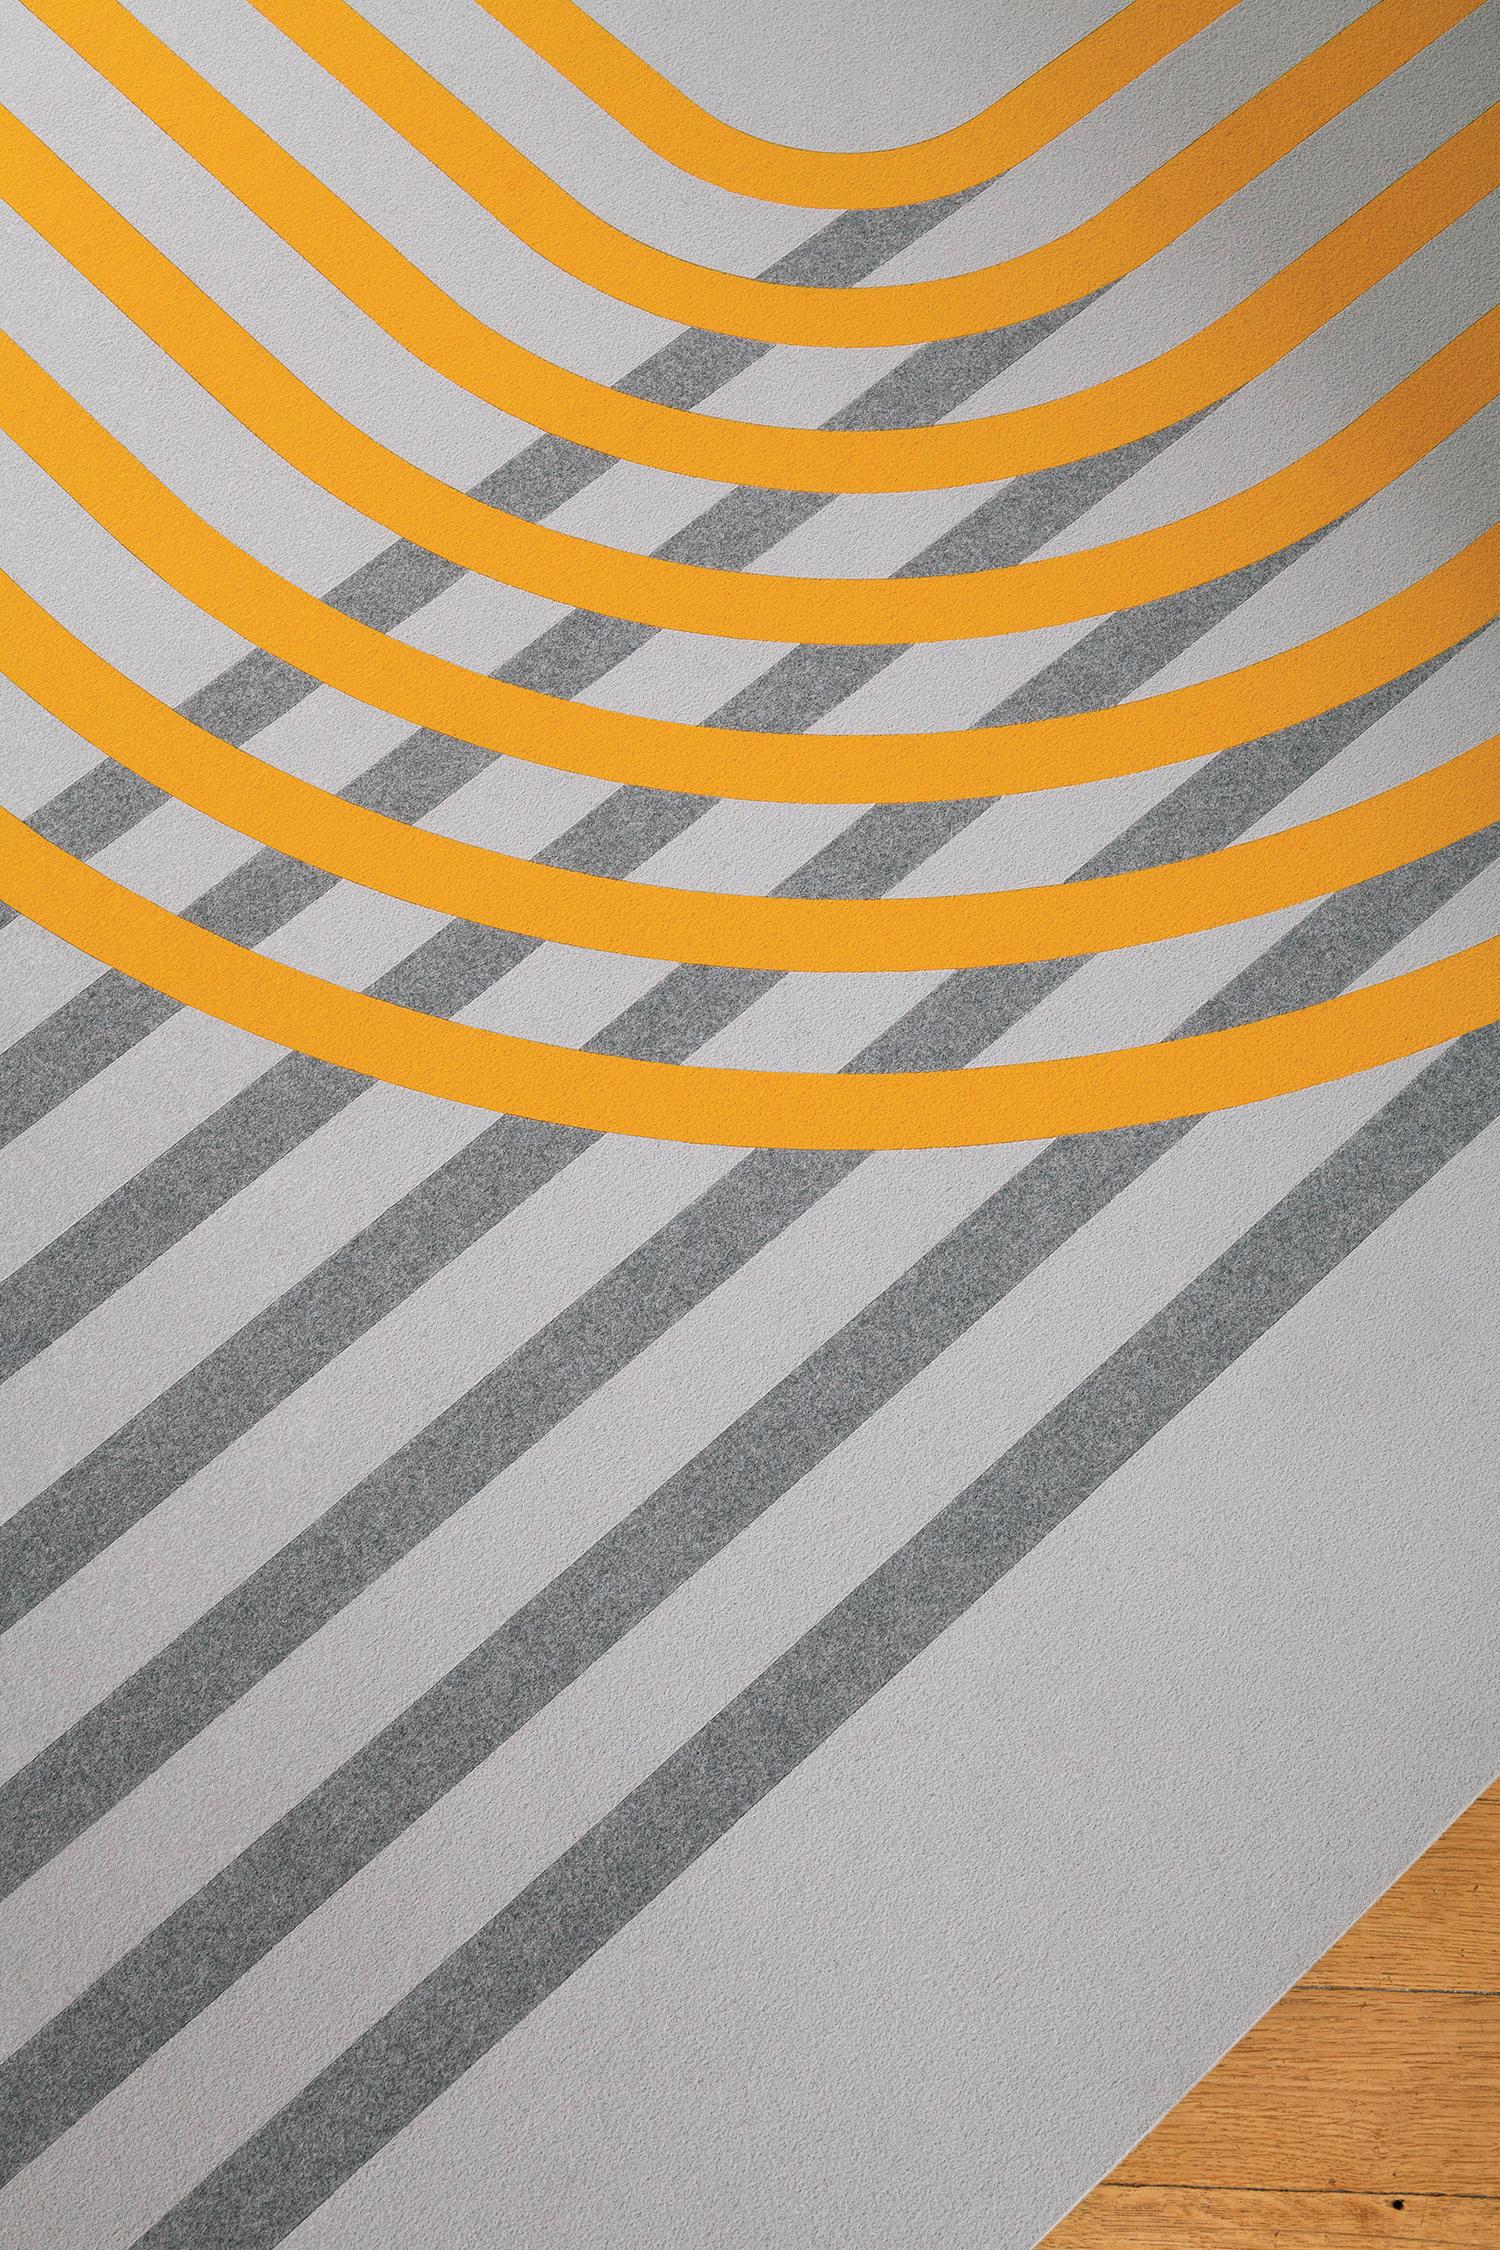 Flurstueck_Lines_II_02.jpg